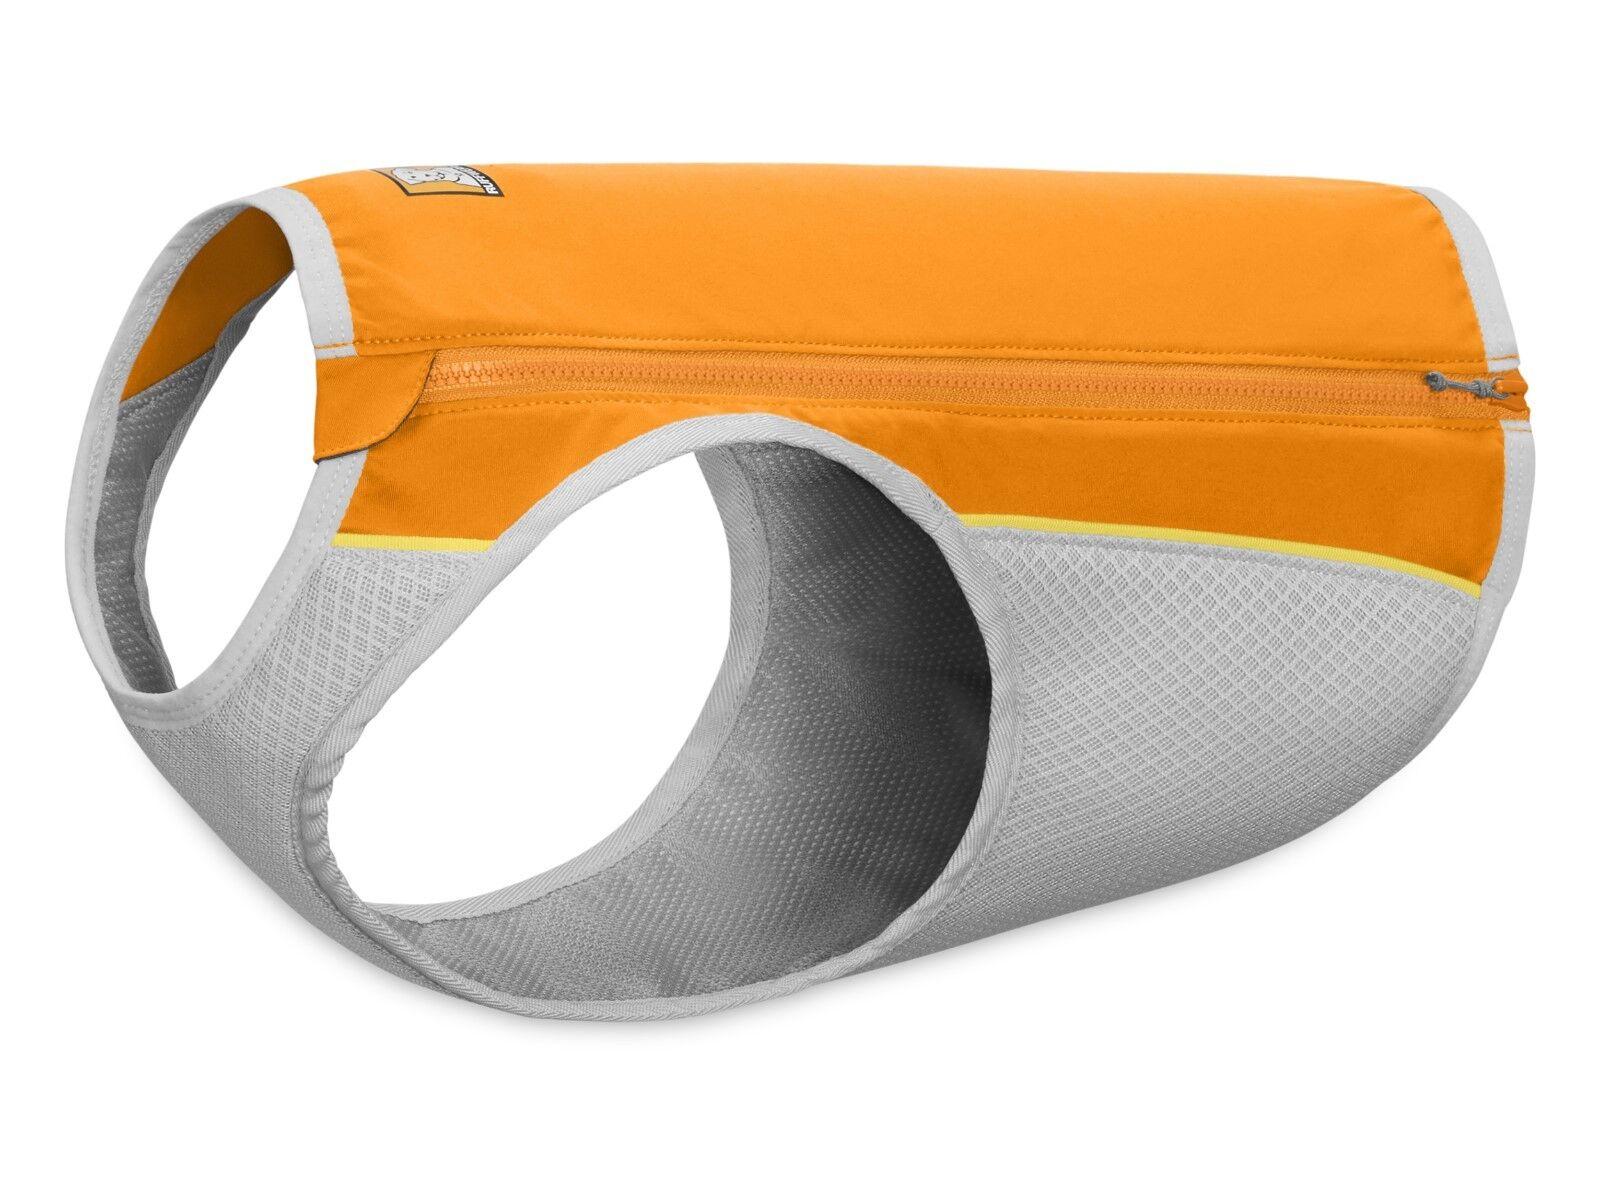 Ruffwear Jet Stream  Hunde-Kühlweste Abkühlung bei sportlicher Aktivität    Orange   | Guter weltweiter Ruf  f23ffc